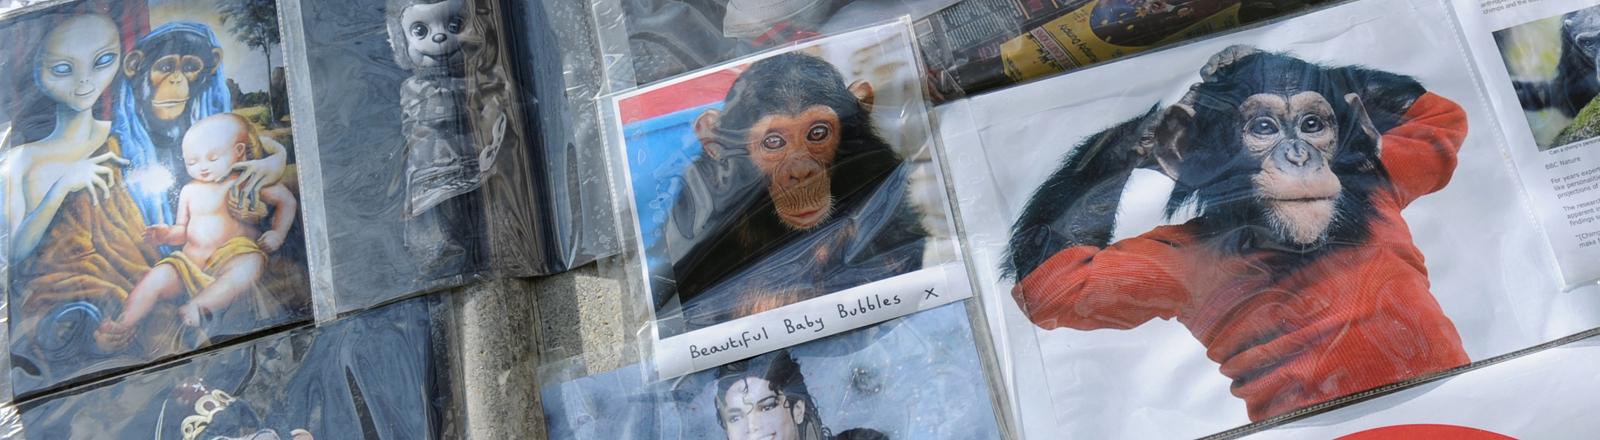 Ein Foto von Bubbles an einem Denkmal für den Affen von Michael Jackson